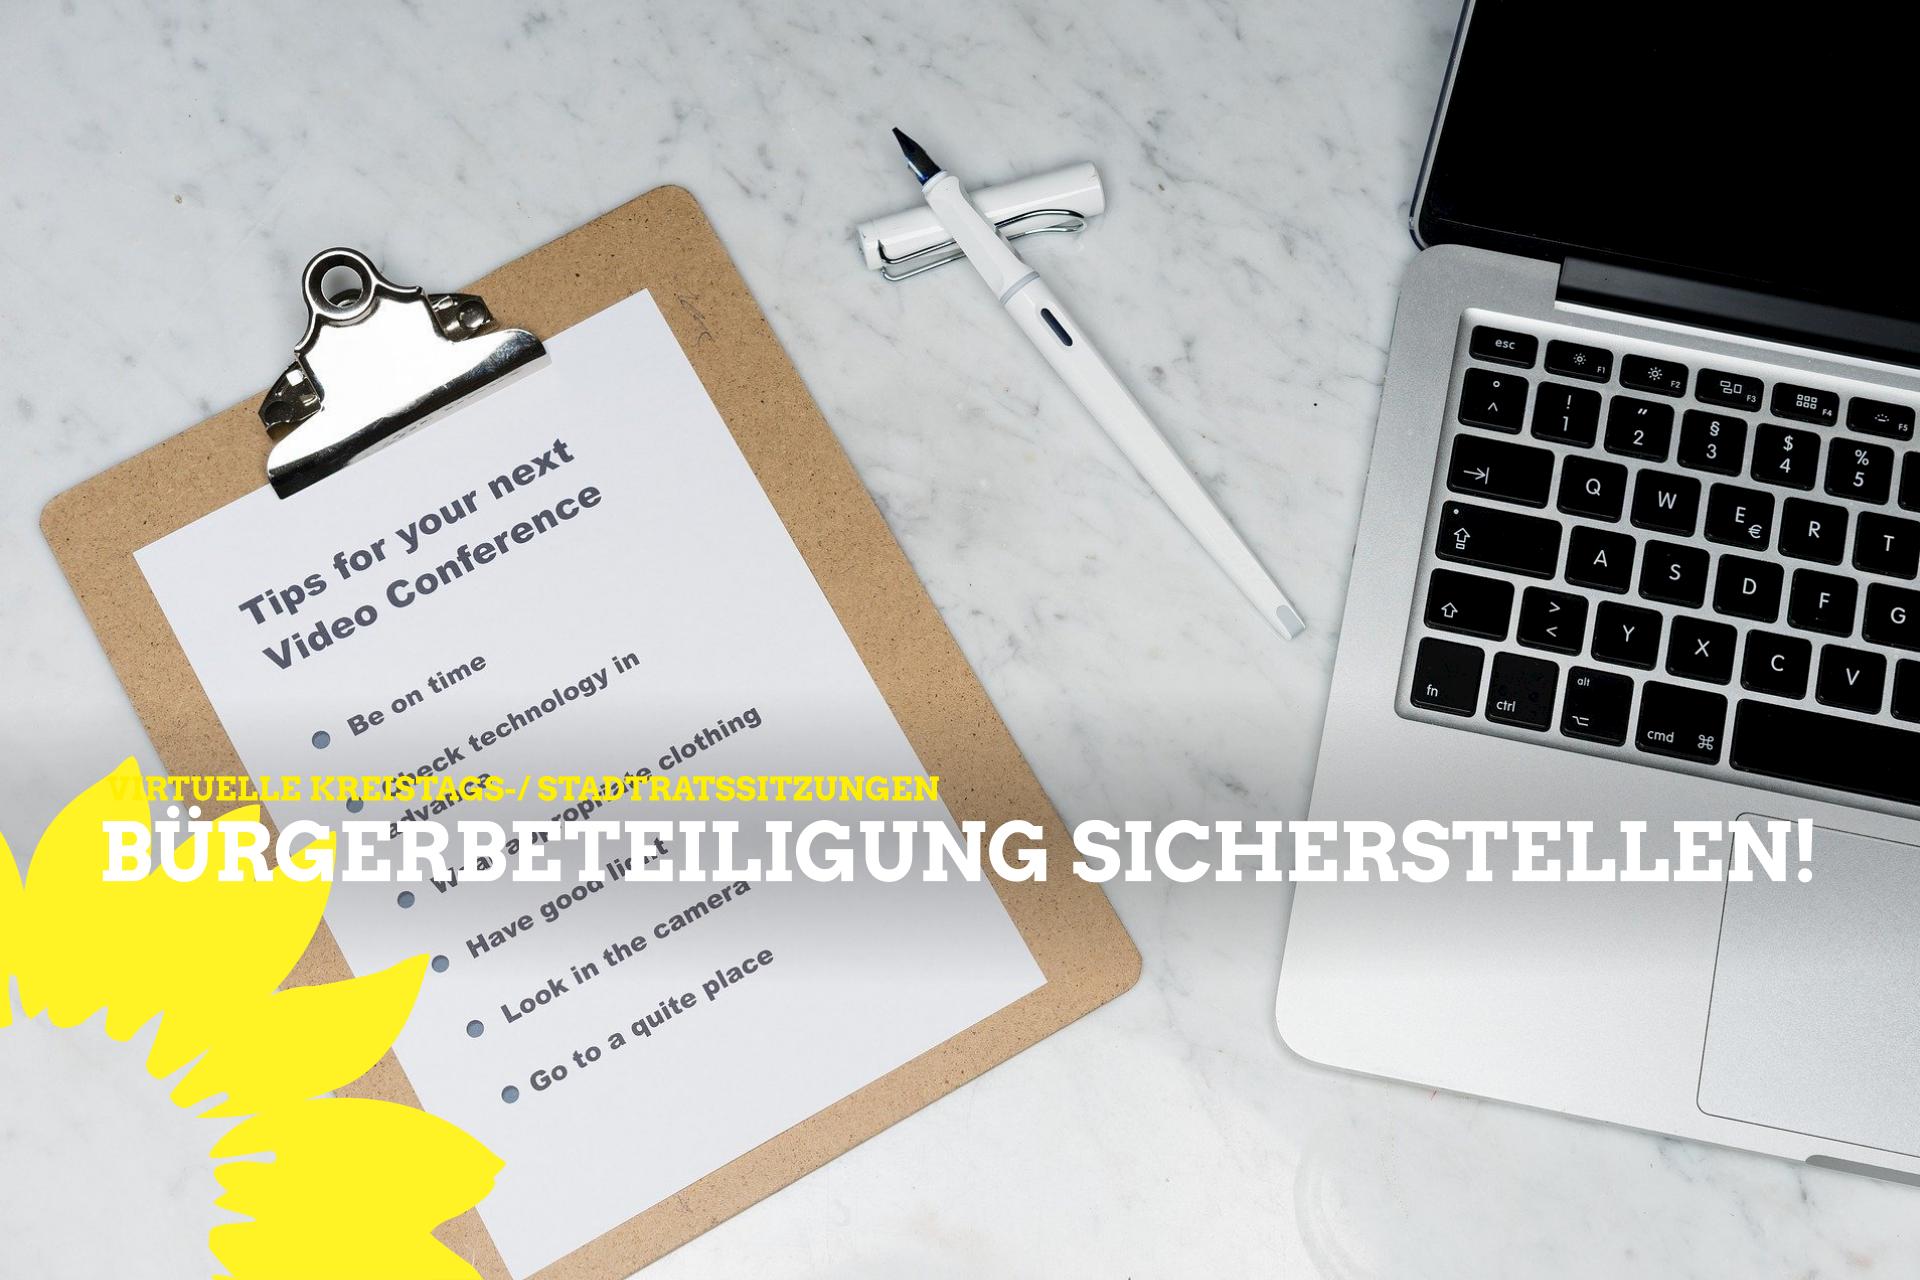 Virtuelle Kreistags- und Stadtratssitzungen/ Bürgerbeteiligung sicherstellen!